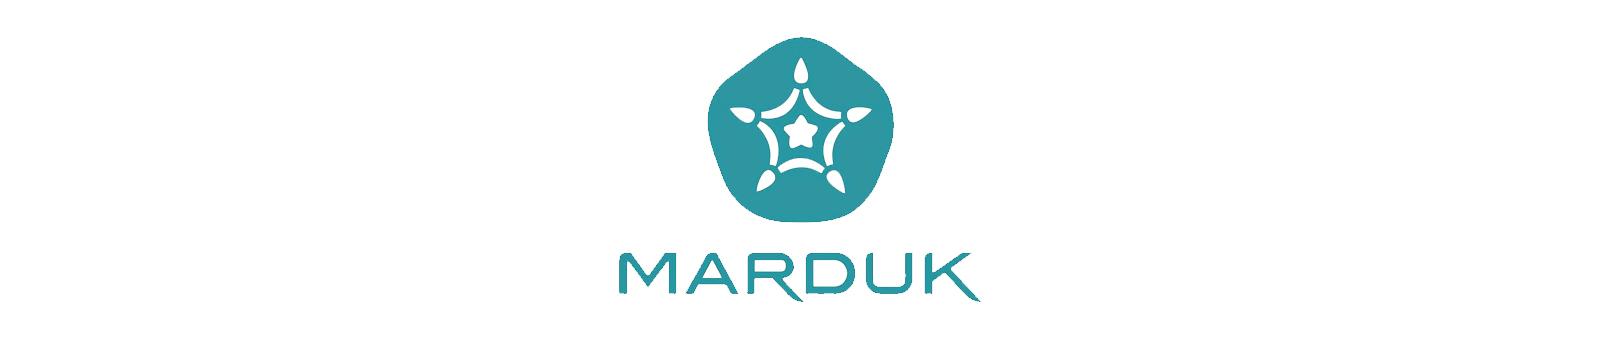 Marduck